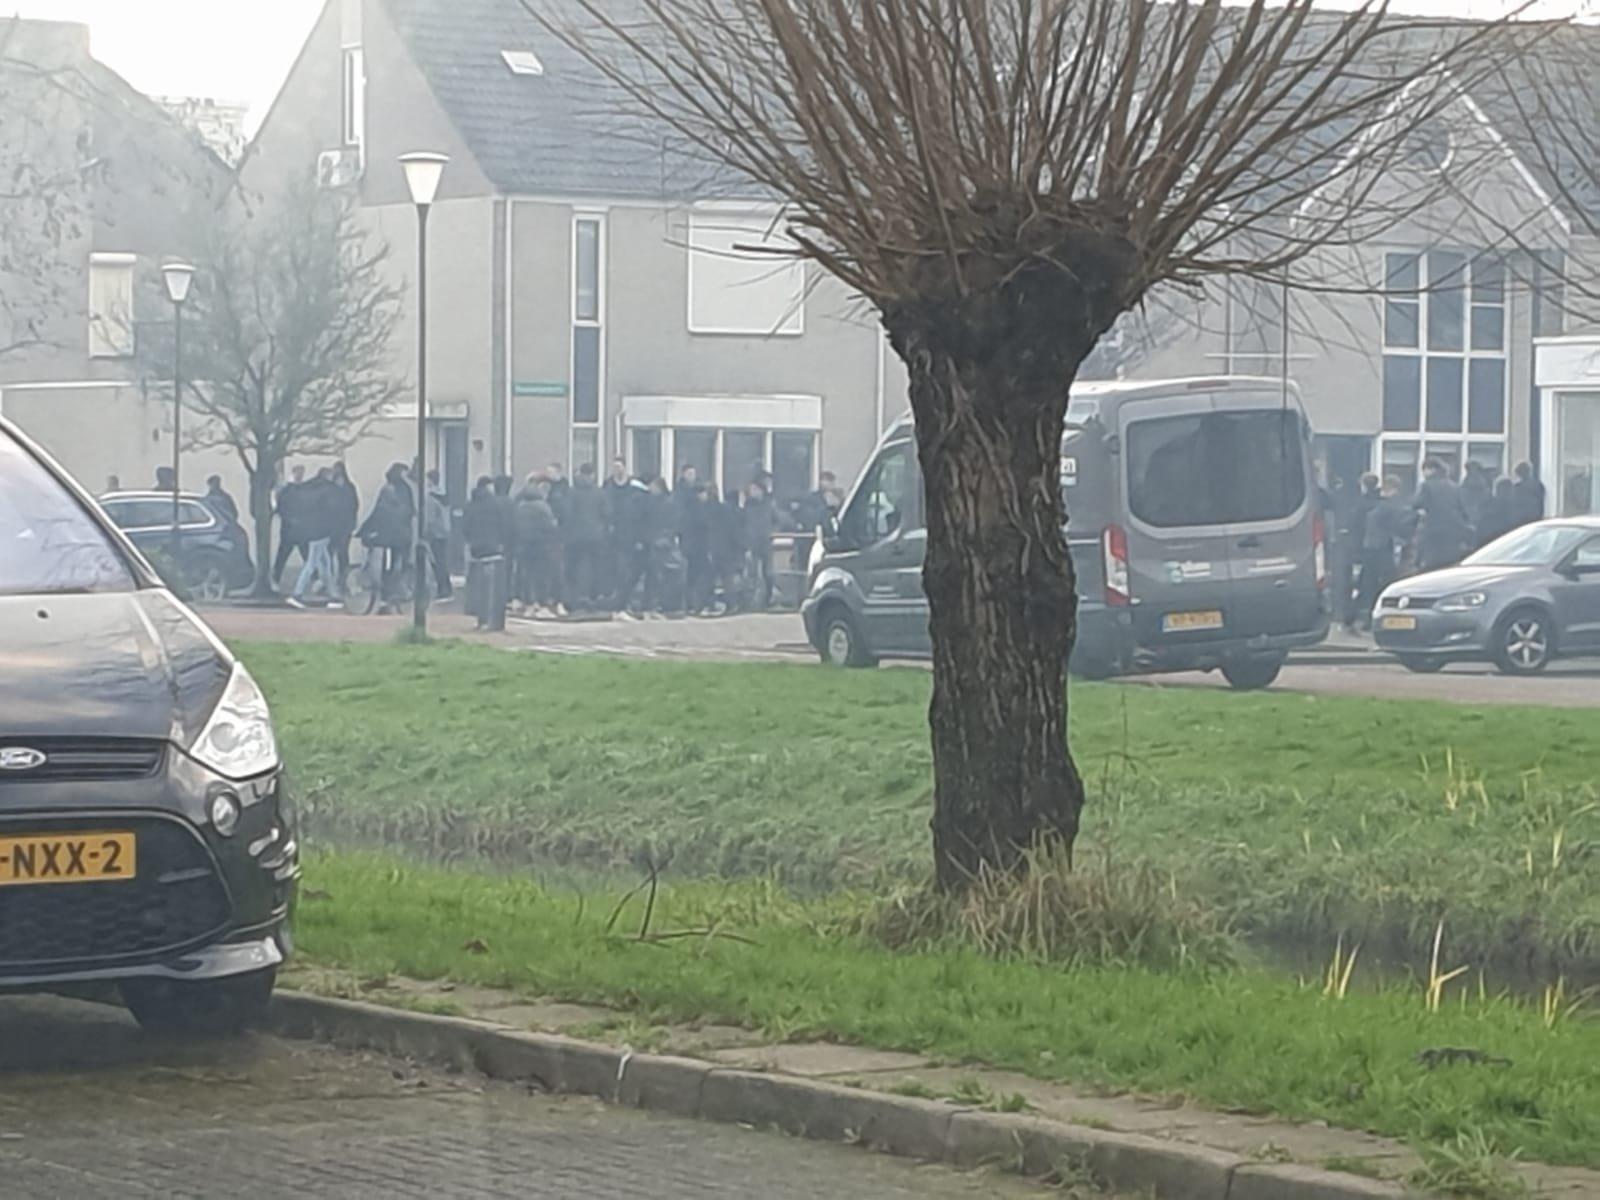 Cafébaas Cliff van Noorden over onrust in Volendam: 'Het is simpelweg een gebrek aan respect en opvoeding'